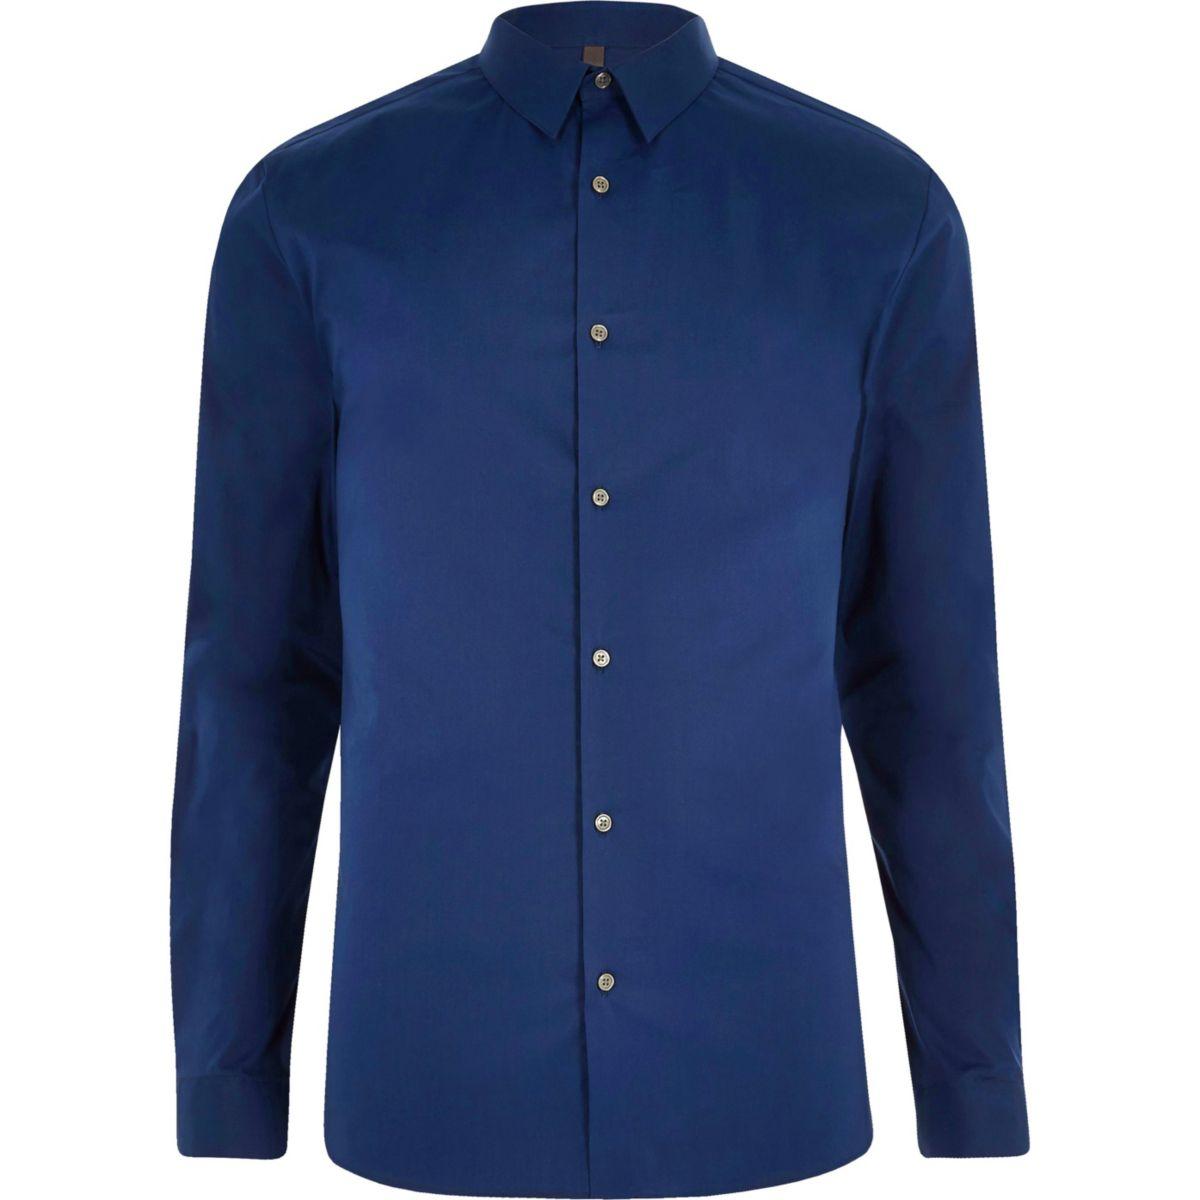 Blauw aansluitend overhemd met puntige kraag